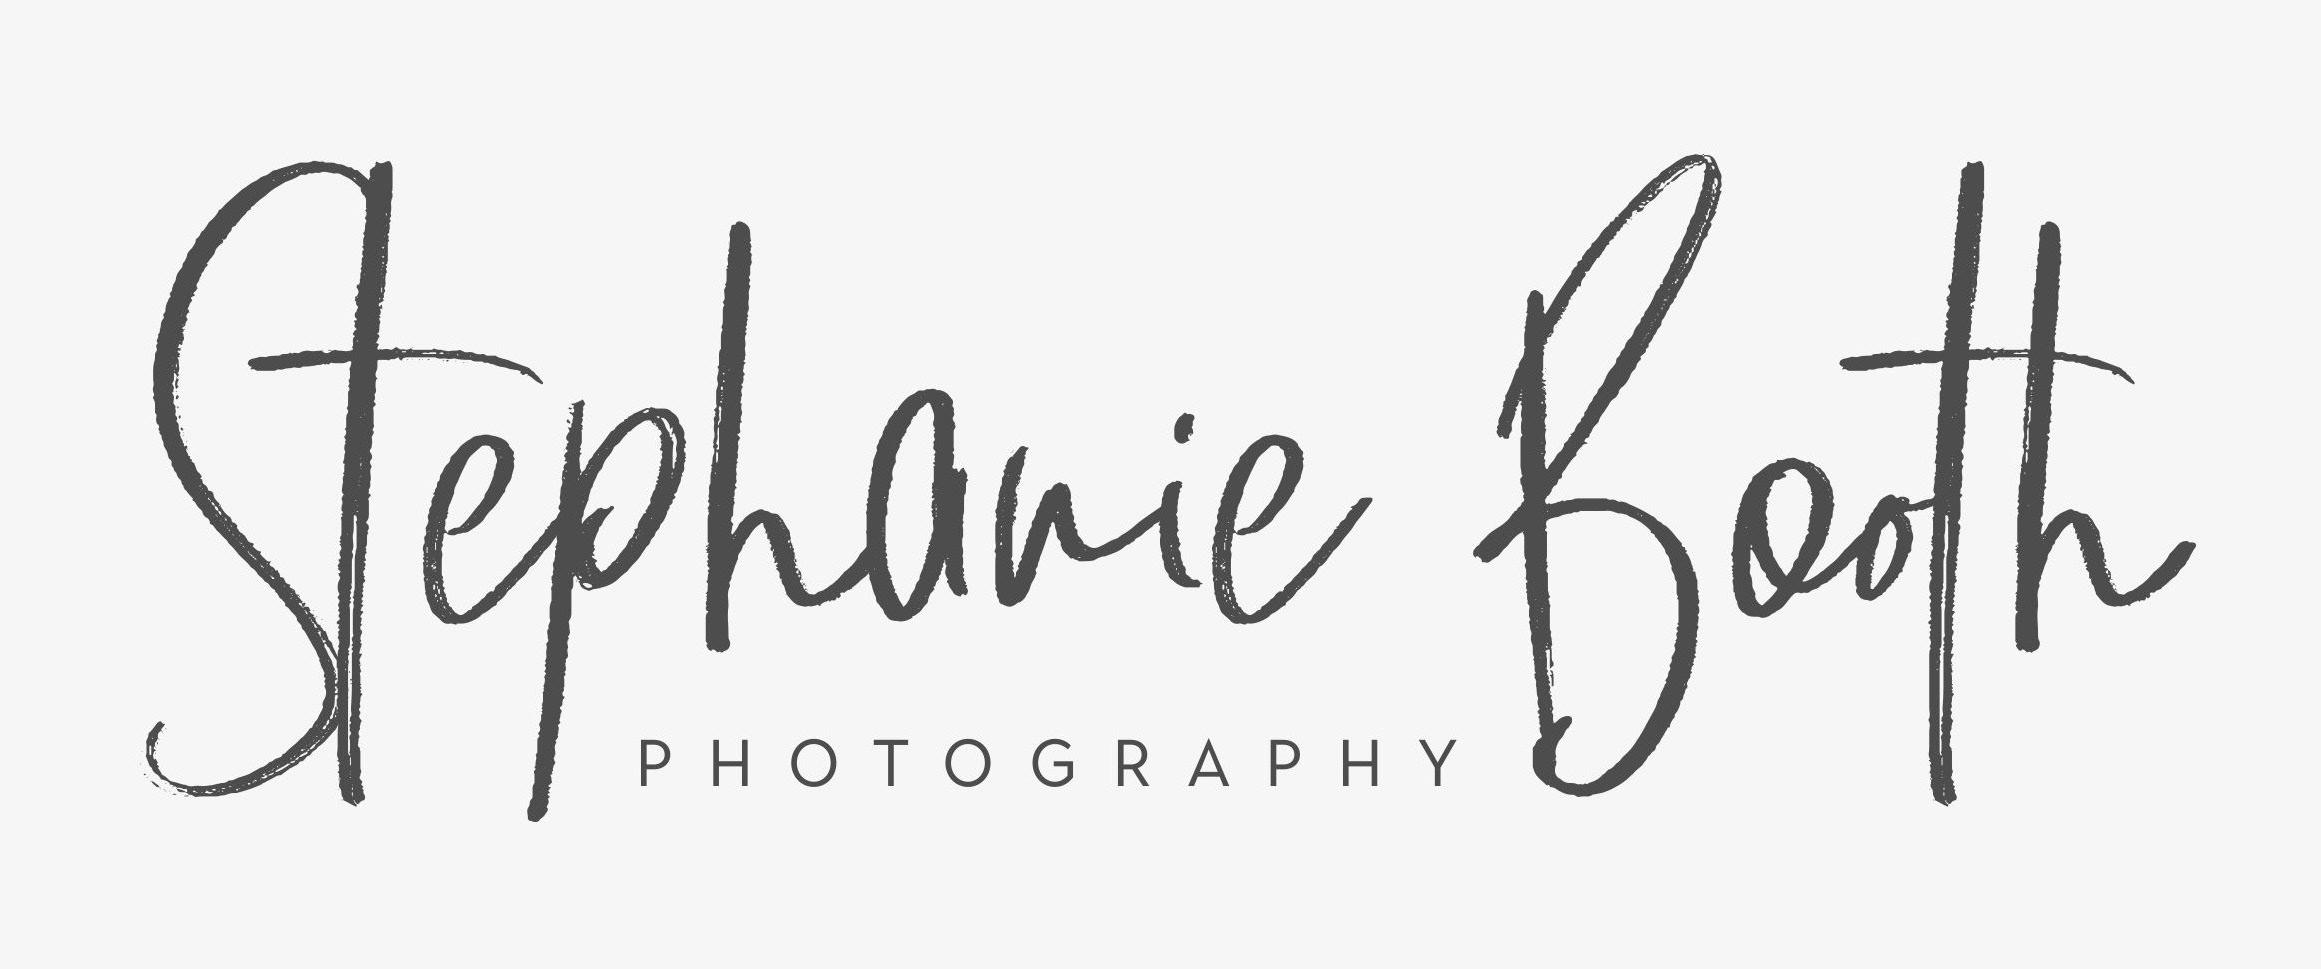 Stephanie Booth